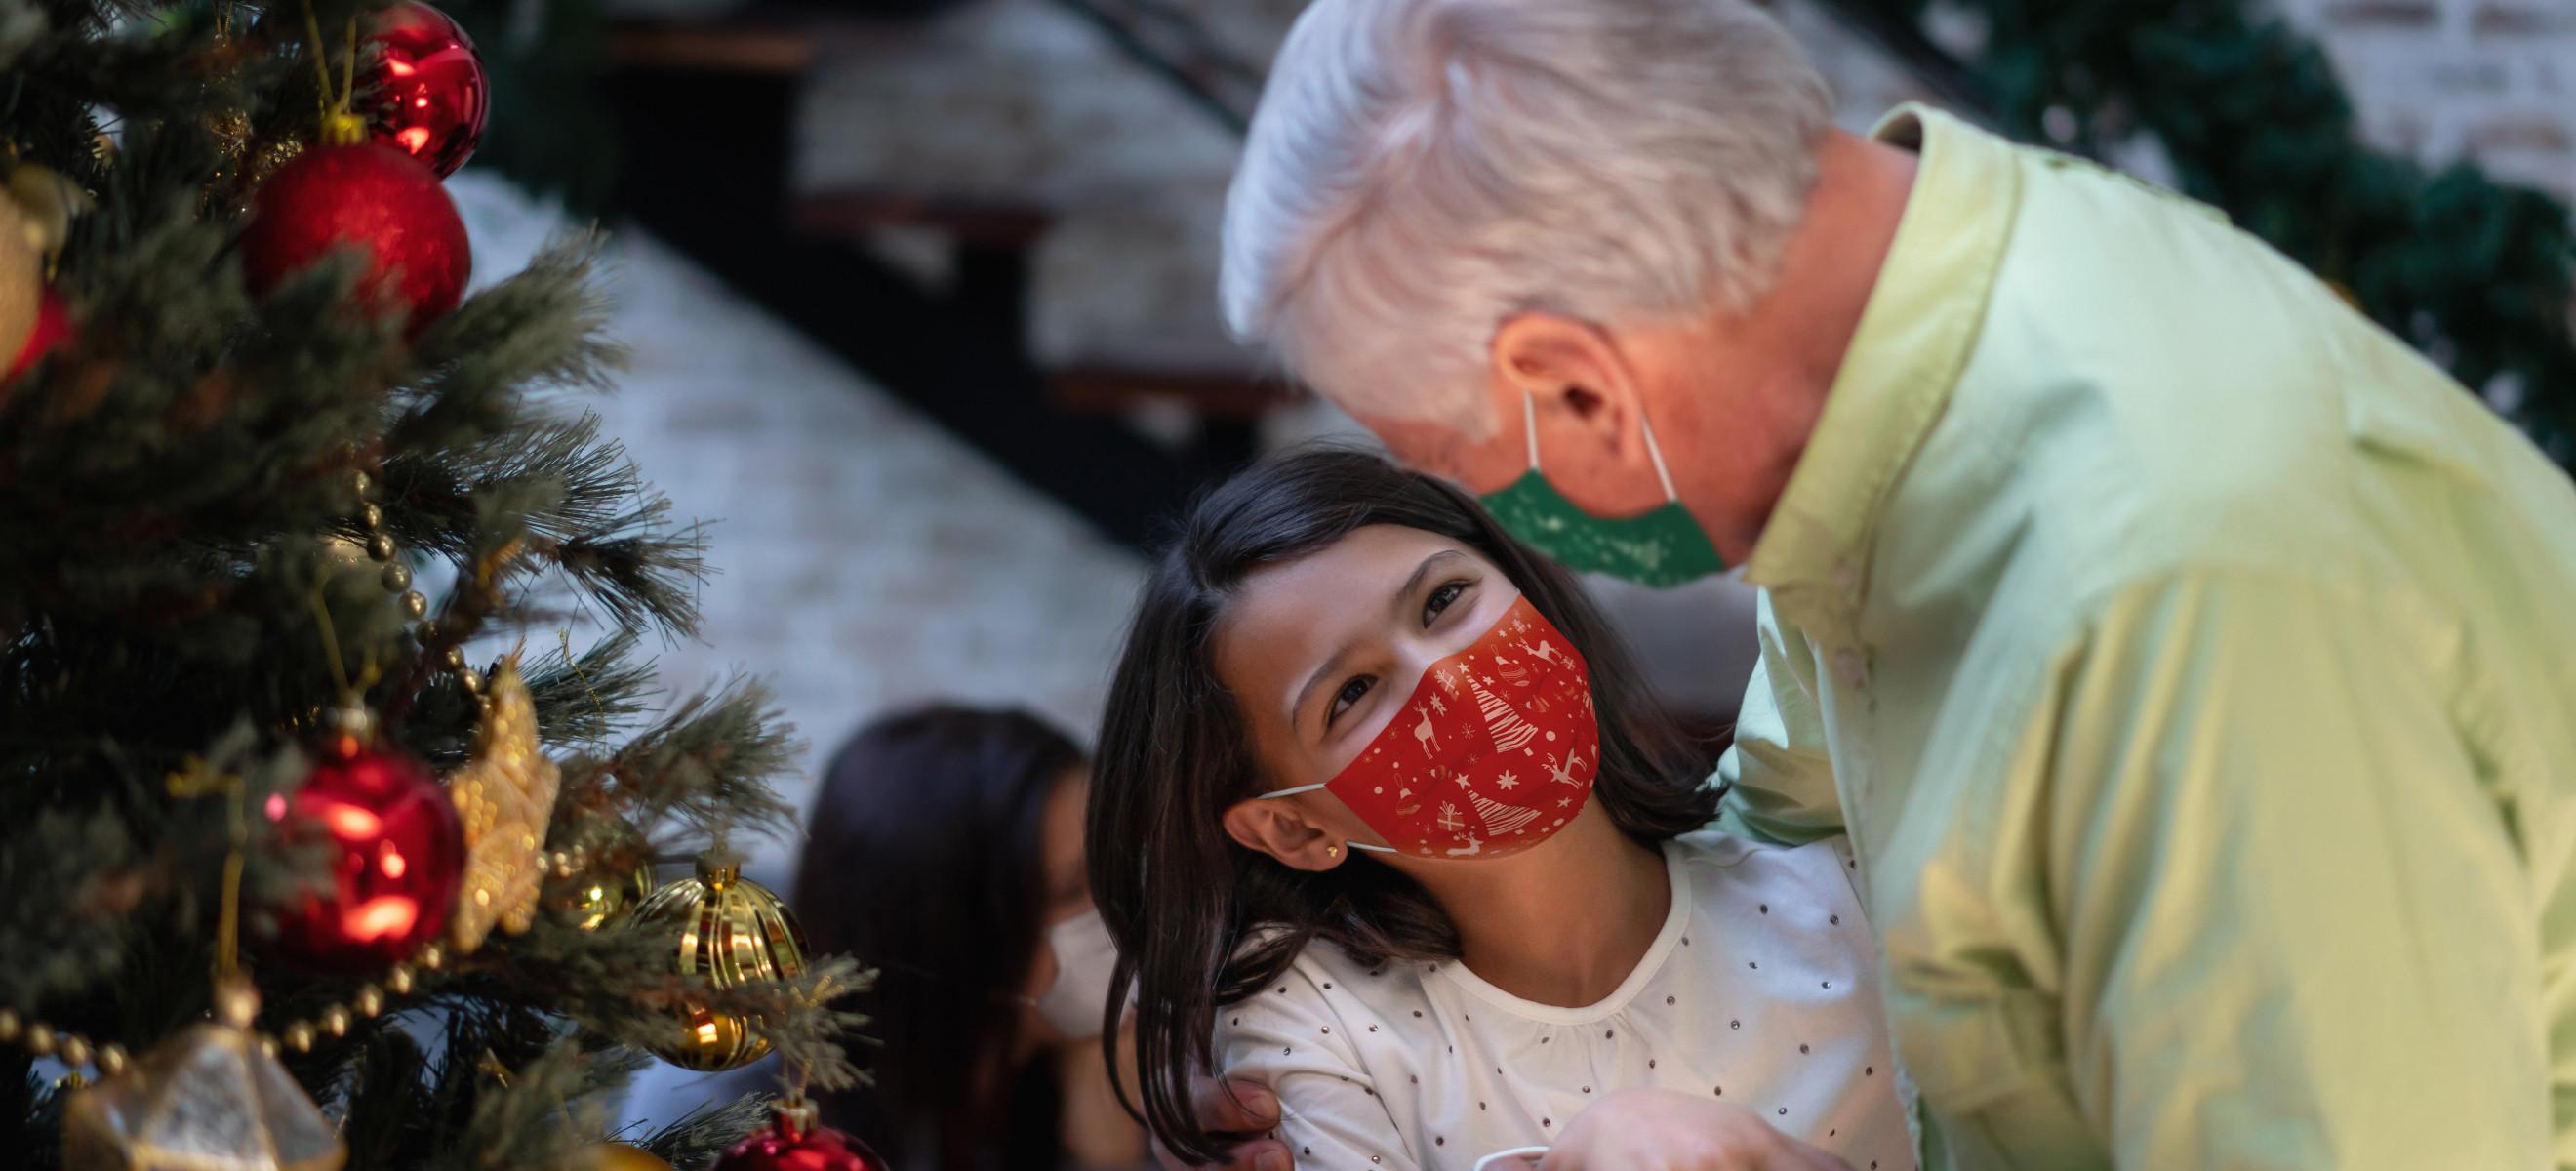 Regali Solidali Natale